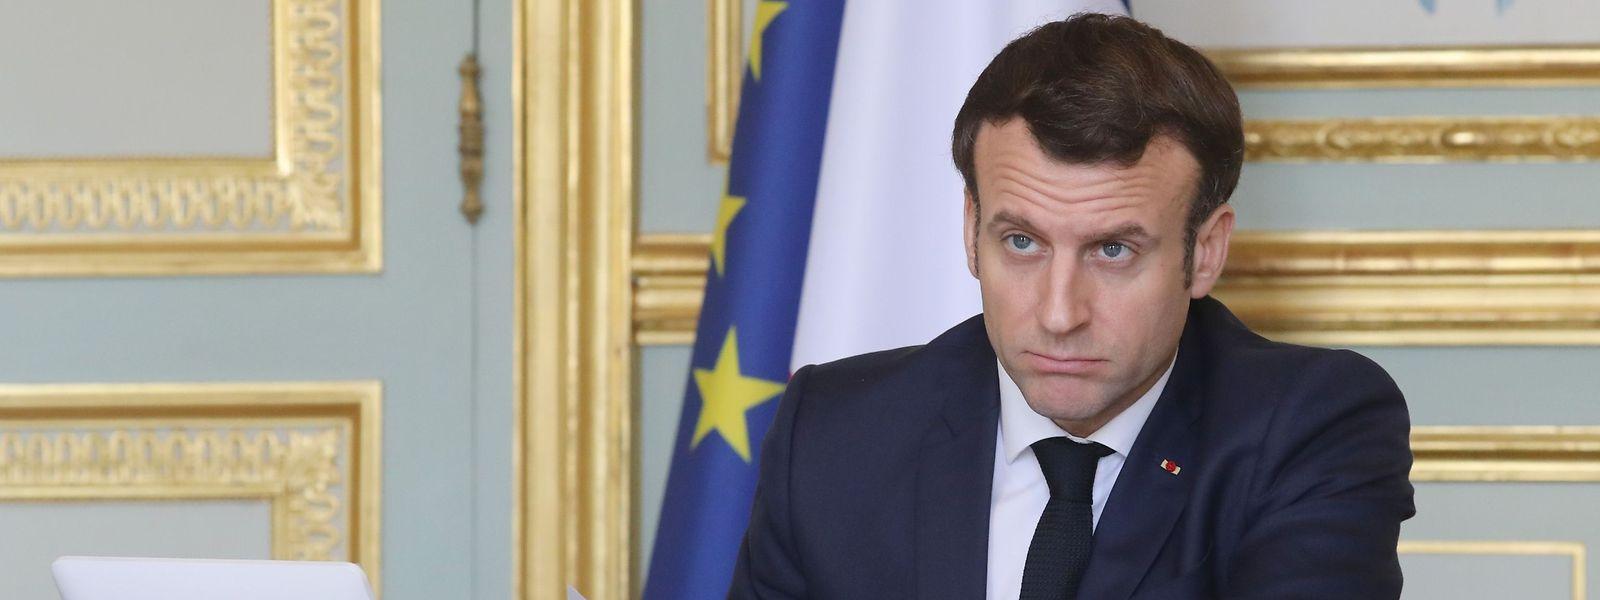 Emmanuel Macron, impassible devant les critiques de partis qui n'hésitent plus à tirer profit politique de la crise sanitaire,.